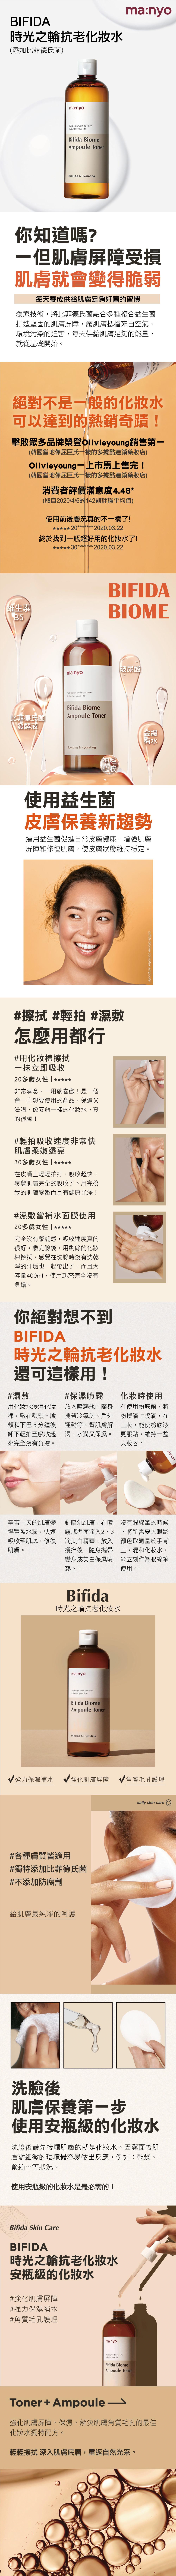 manyo-bifida%e5%8c%96%e5%a6%9d%e6%b0%b4%e6%a3%9501